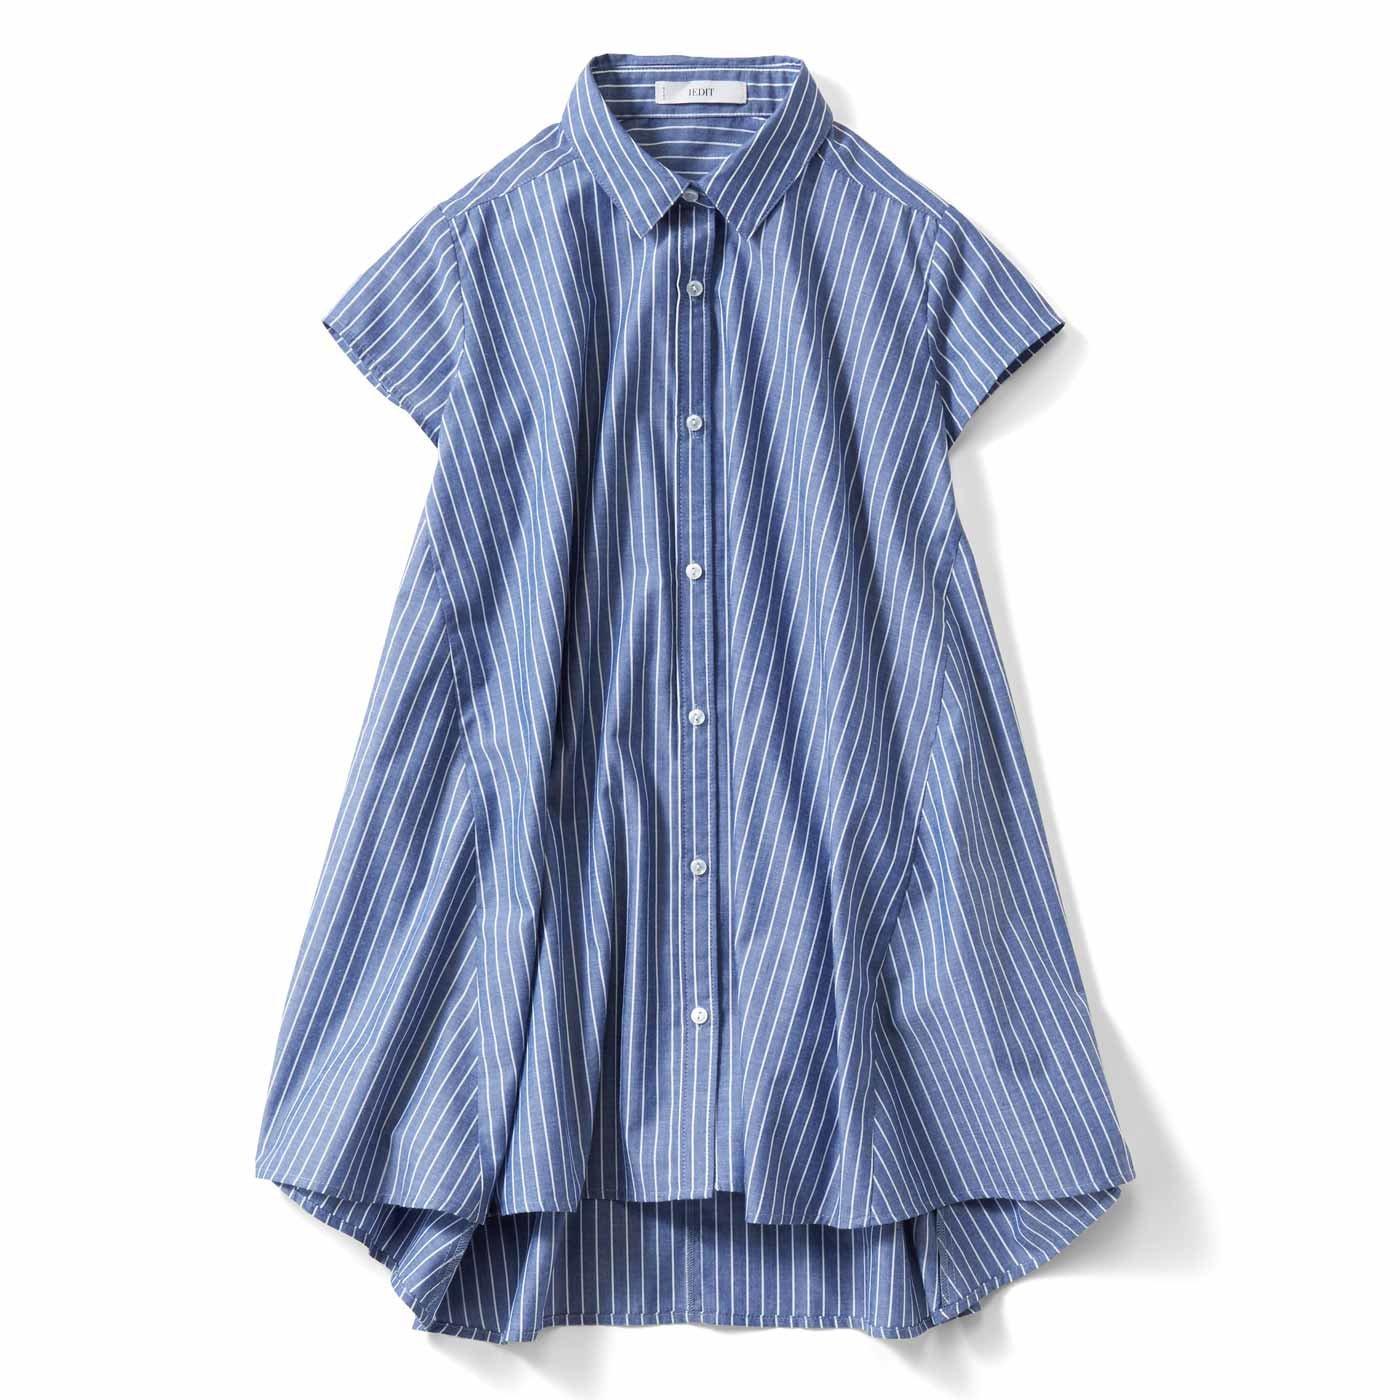 【3~10日でお届け】IEDIT[イディット] ふわりフレアーラインが軽やかな 着映えストライプシャツチュニック〈ブルー〉